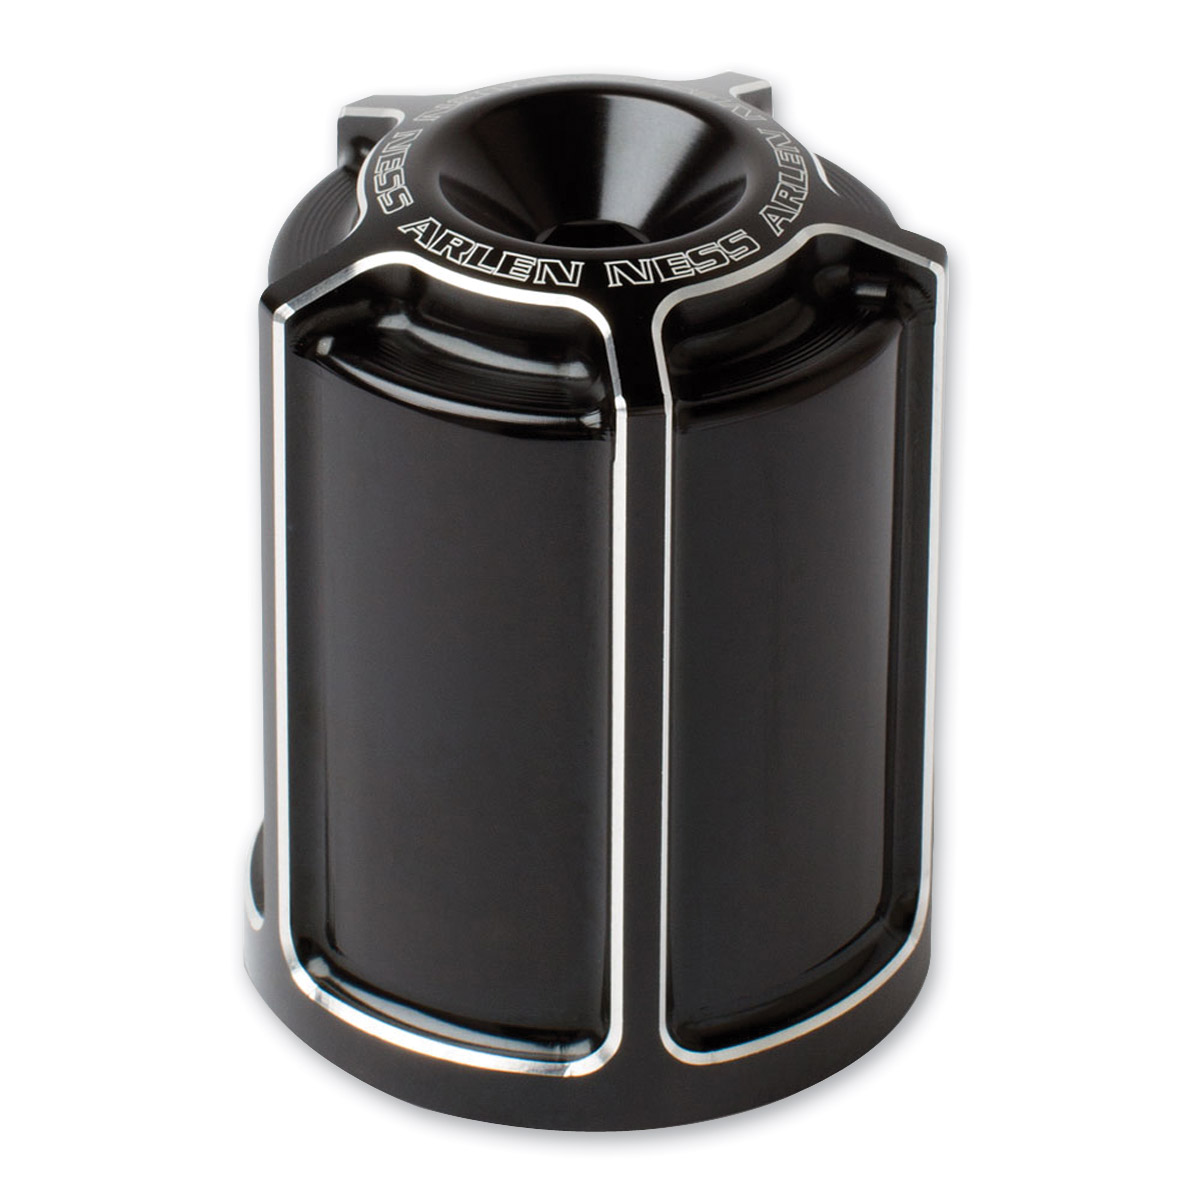 Arlen Ness Black Beveled Oil Filter Housing